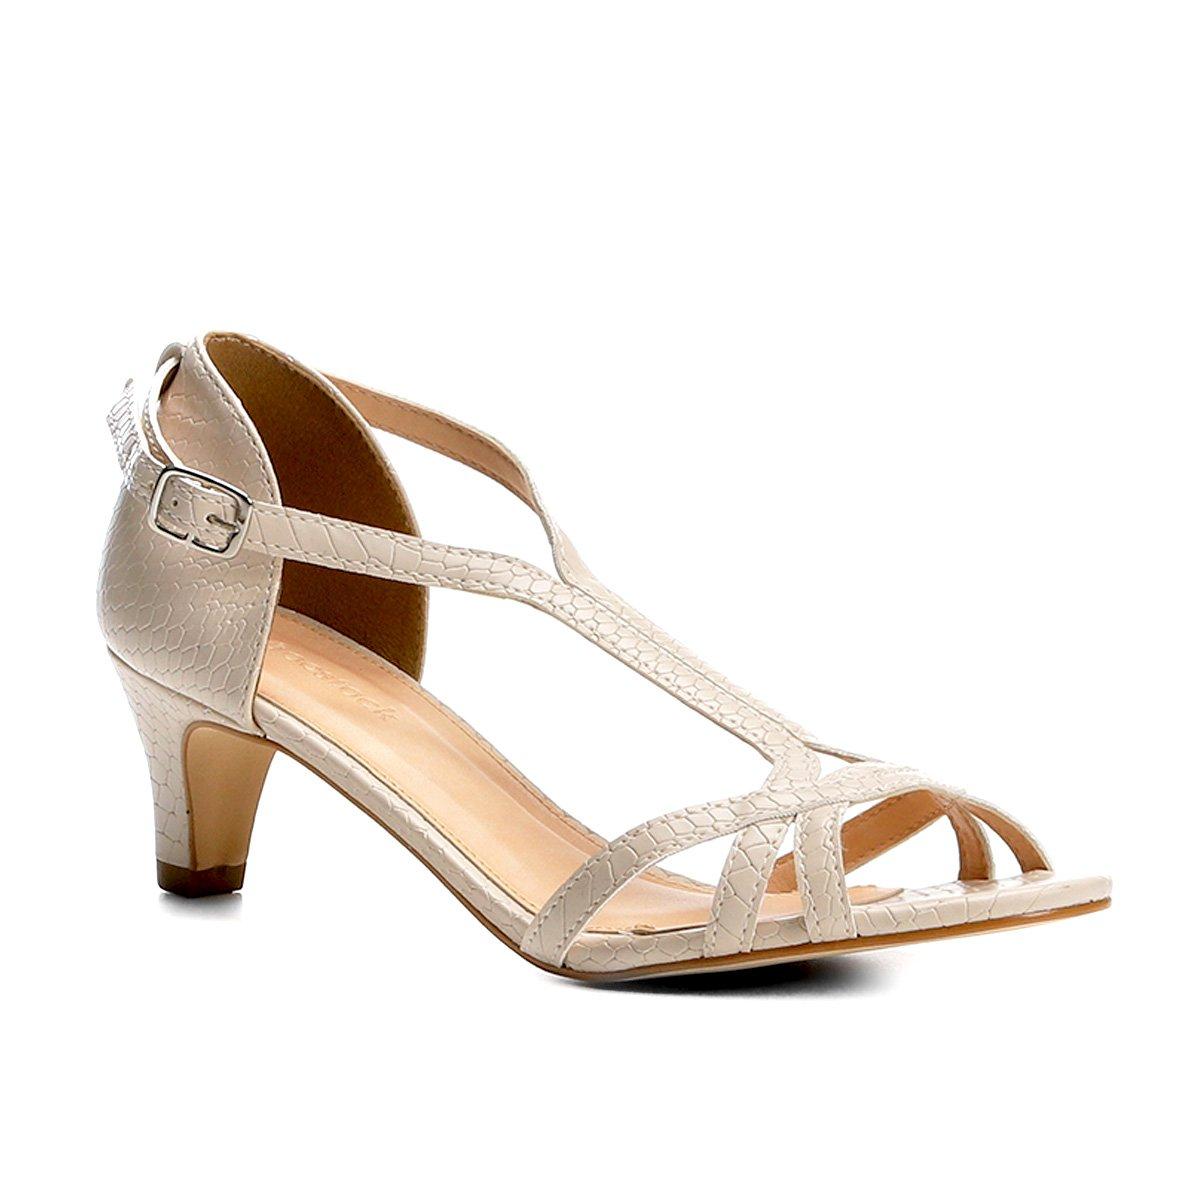 b77f951de534a Sandália Couro Shoestock Salto Cone Cobra Feminina | Shoestock